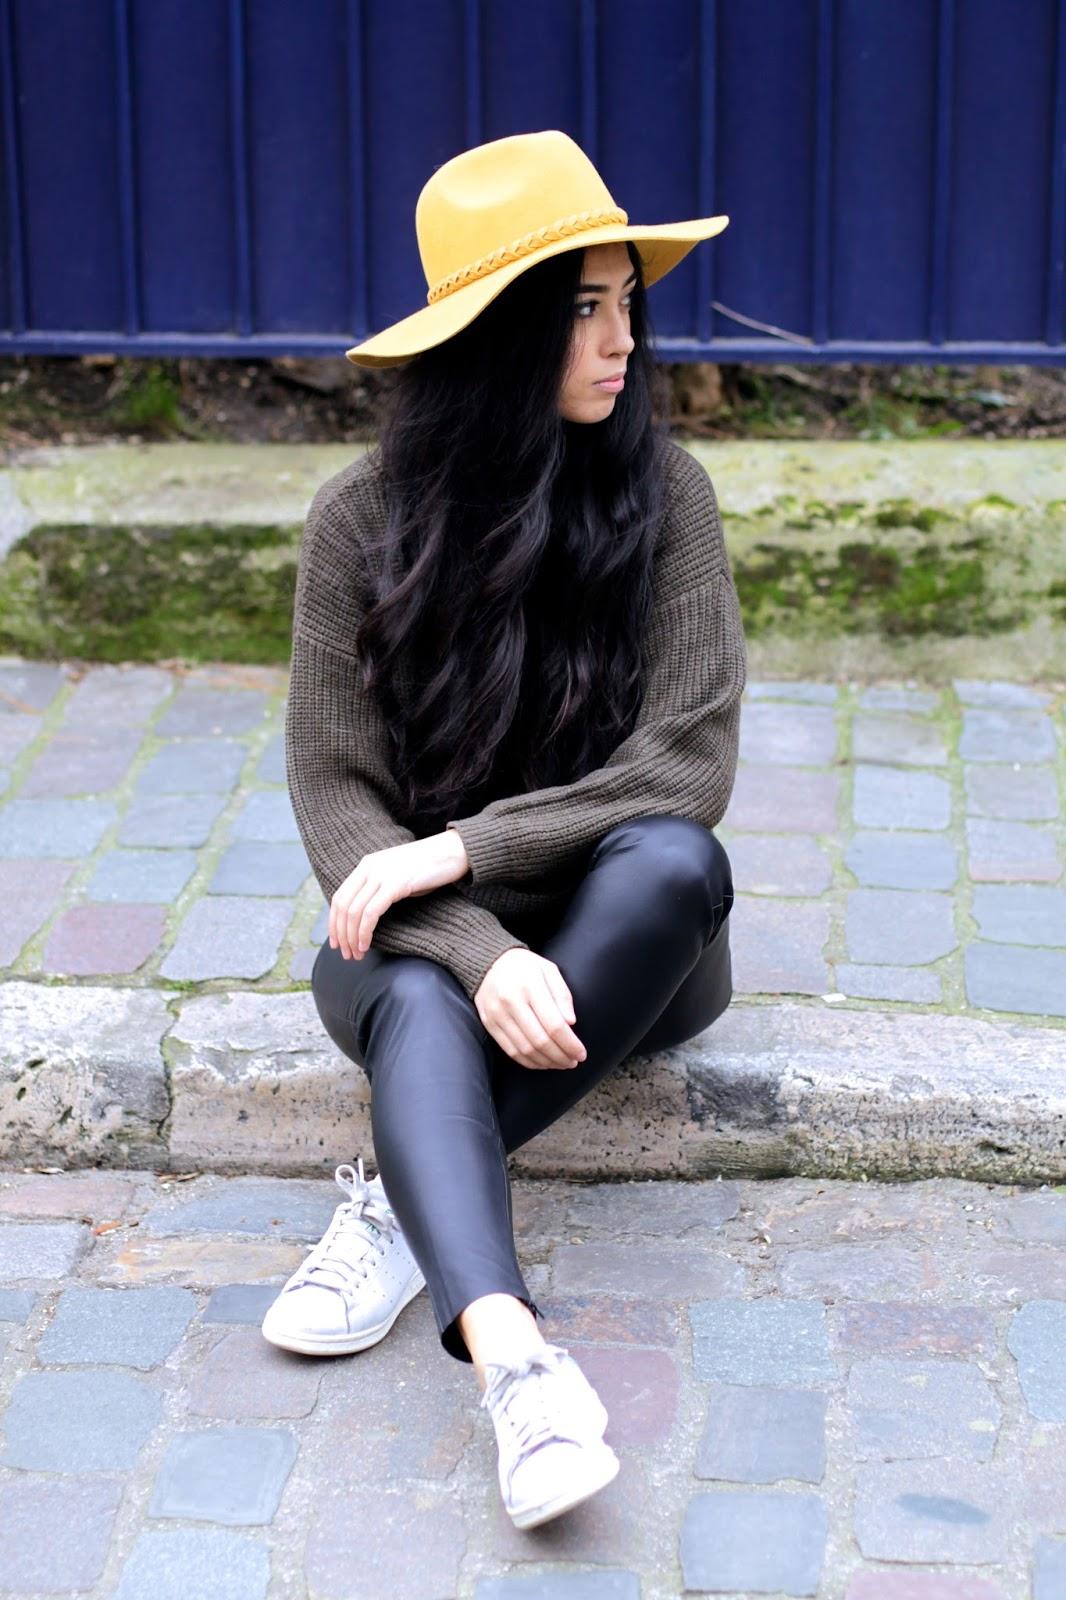 Elizabeth l Faux Fur coat leather pants l THEDEETSONE l http://thedeetsone.blogspot.fr